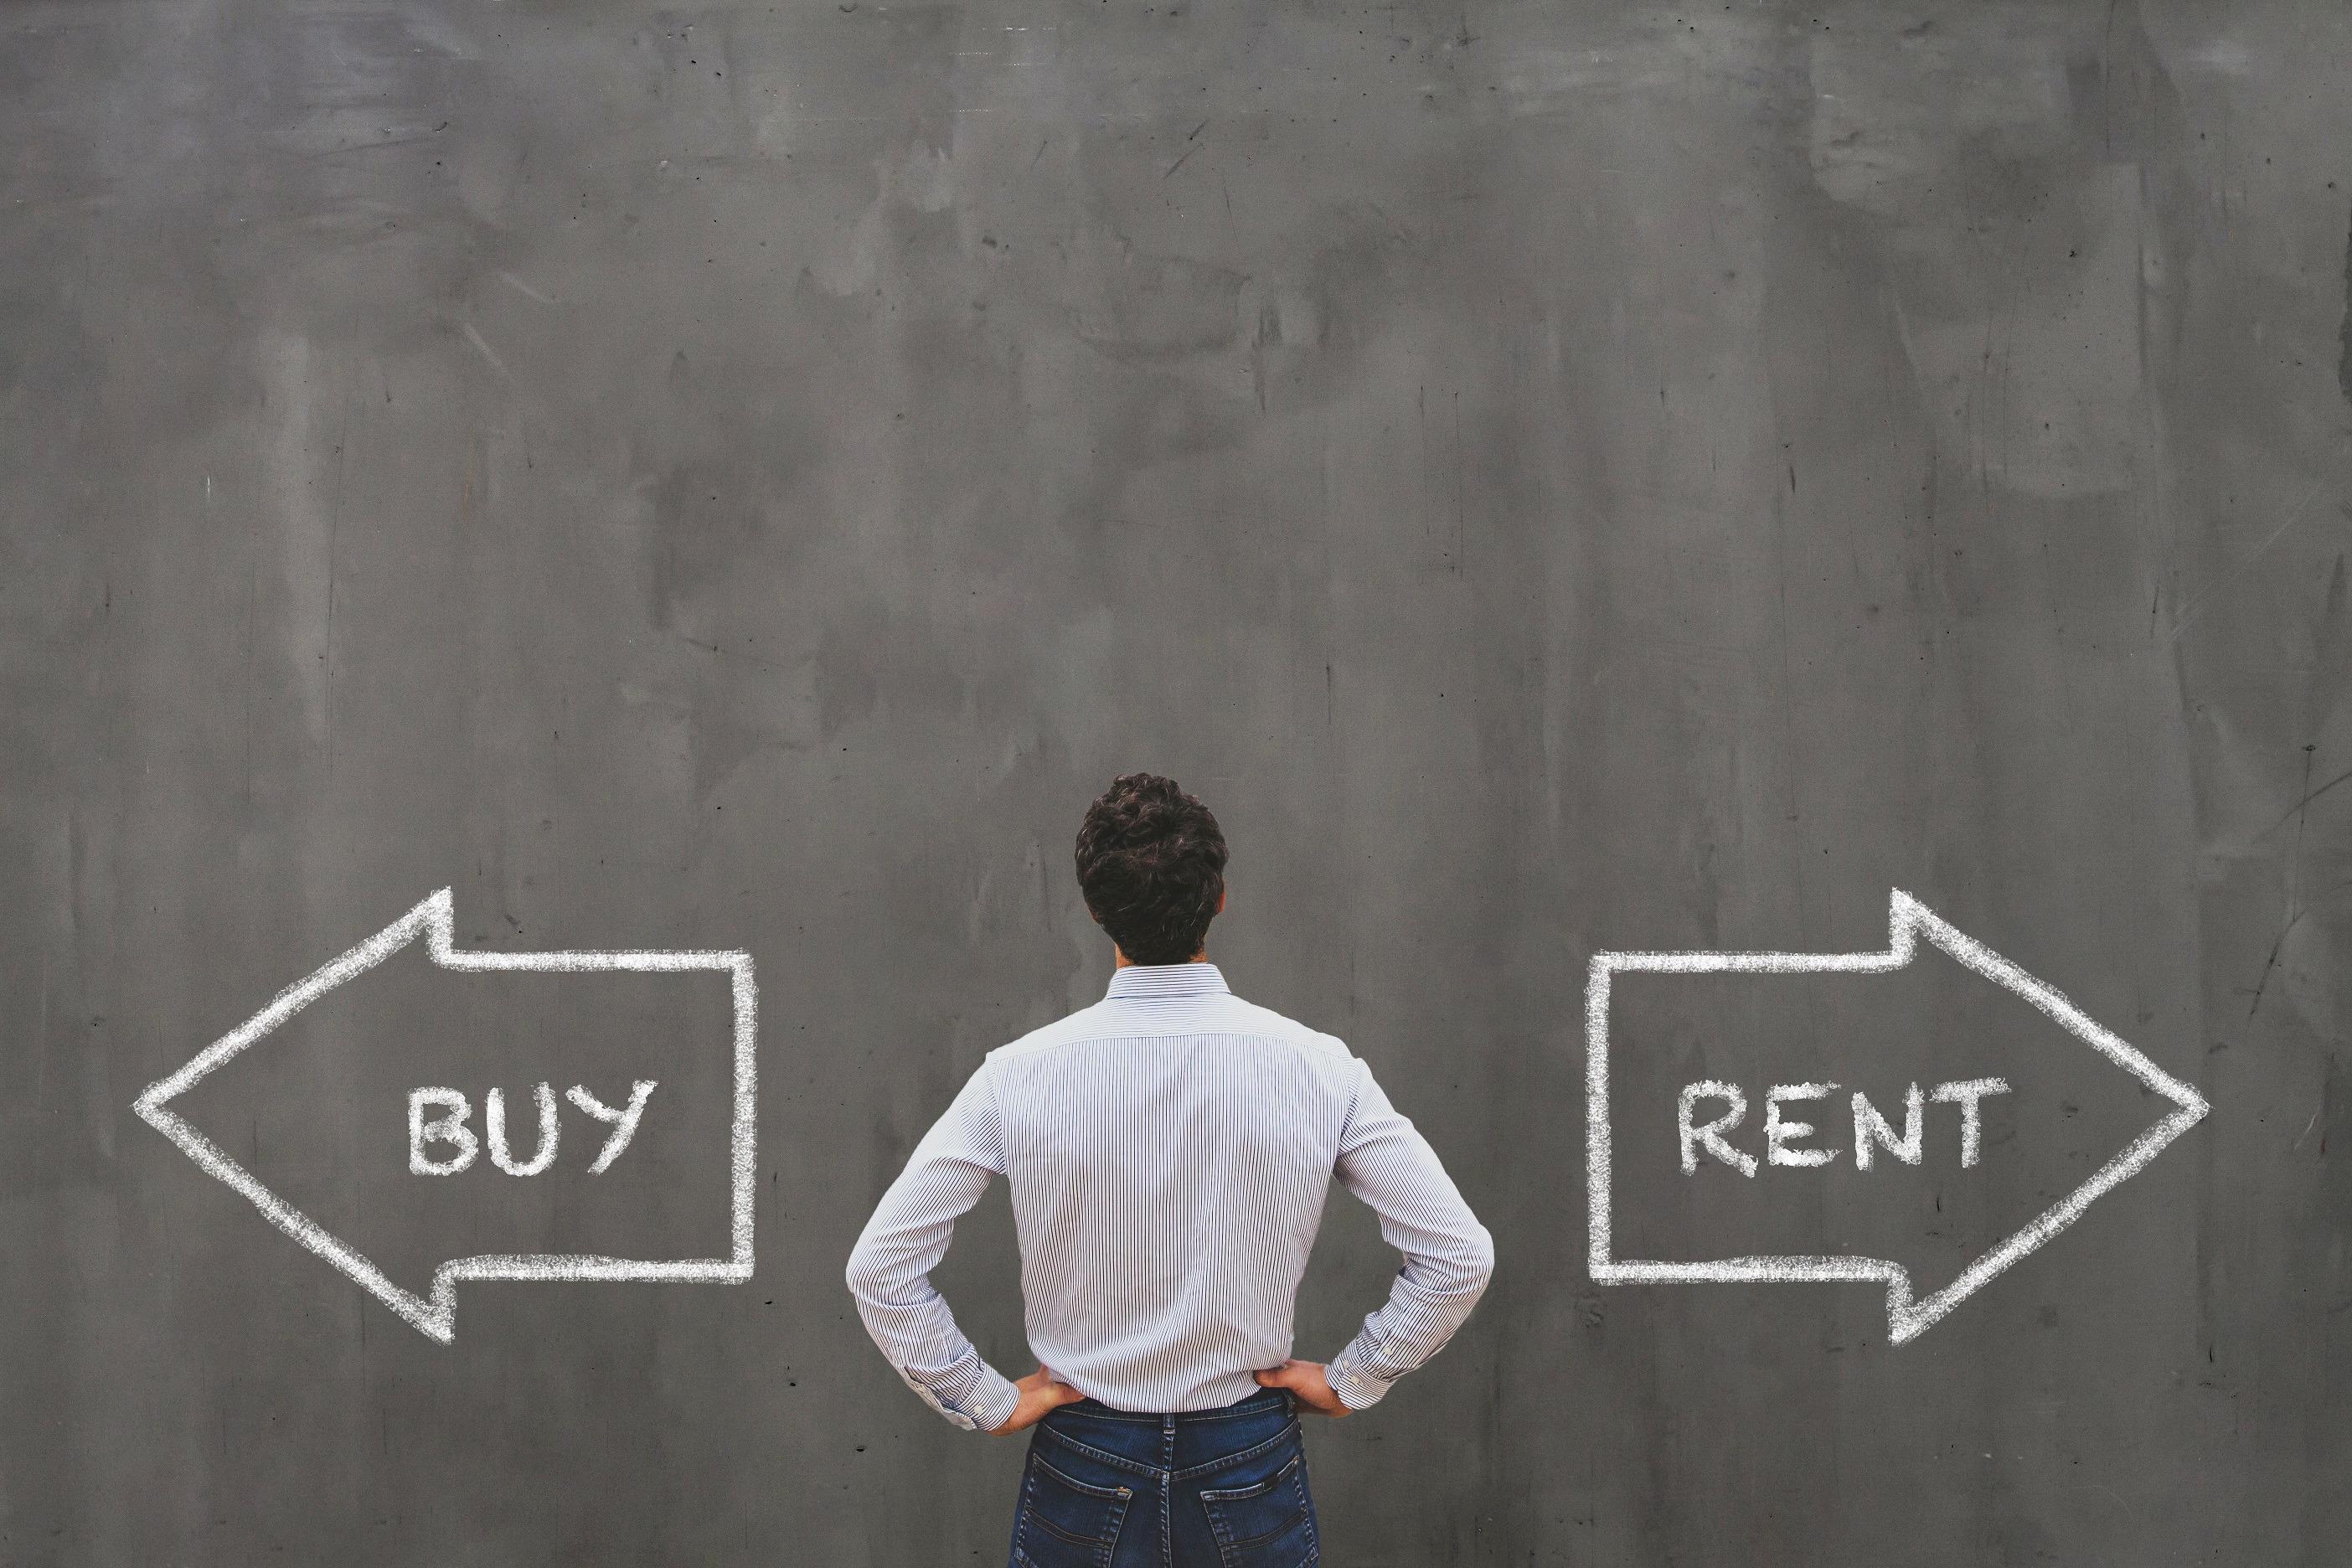 Ein Mann steht vor zwei Pfeilen auf denen Buy und Rent steht